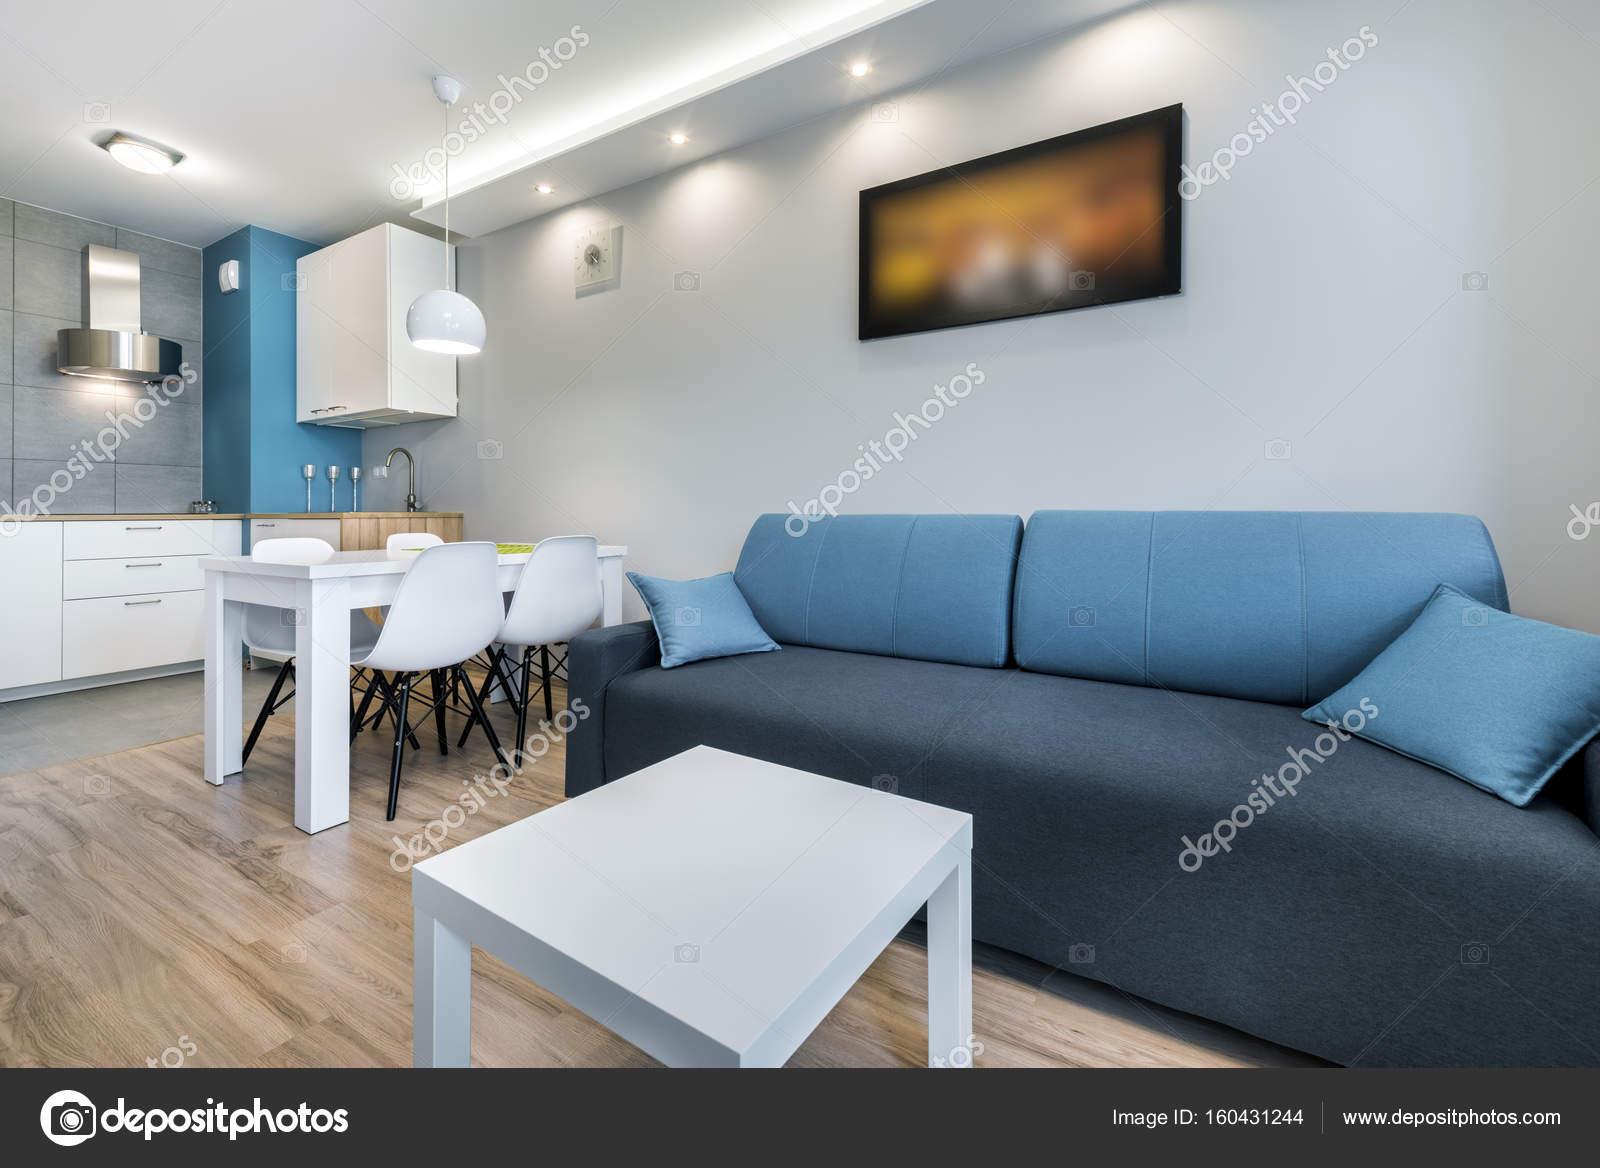 Moderne woonkamer met grijze wanden — Stockfoto © jacek_kadaj #160431244